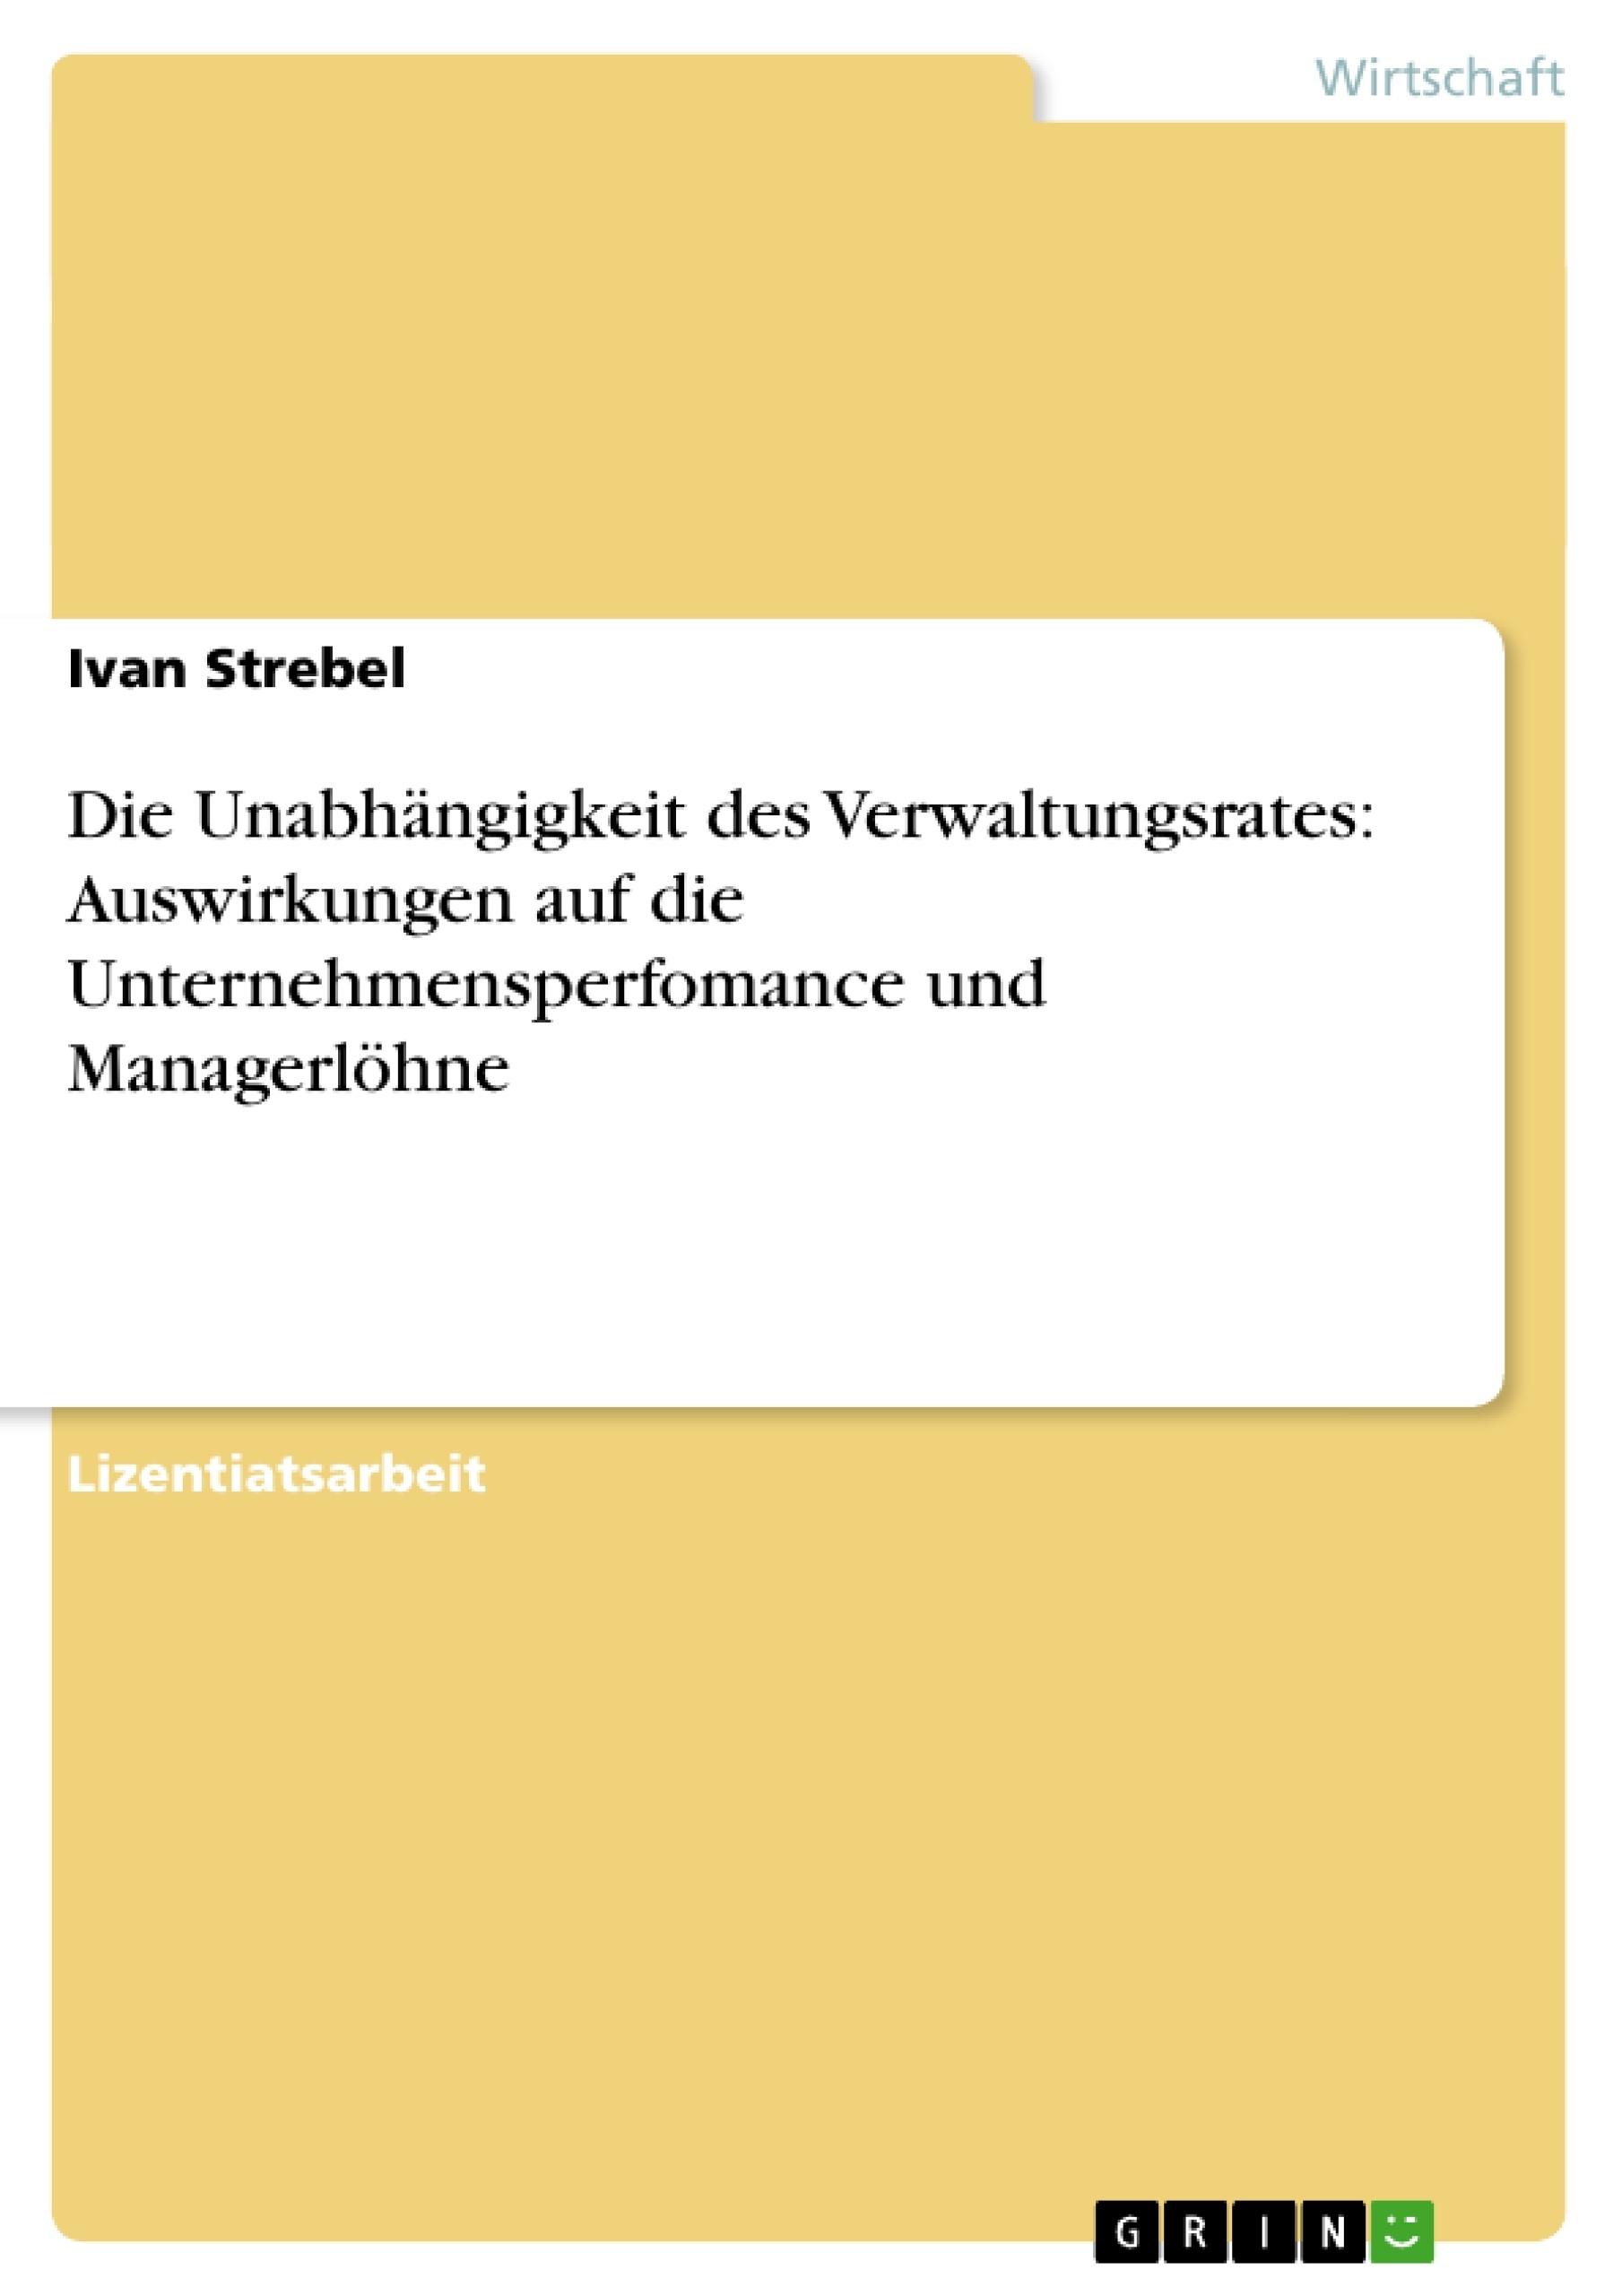 Titel: Die Unabhängigkeit des Verwaltungsrates: Auswirkungen auf die Unternehmensperfomance und Managerlöhne